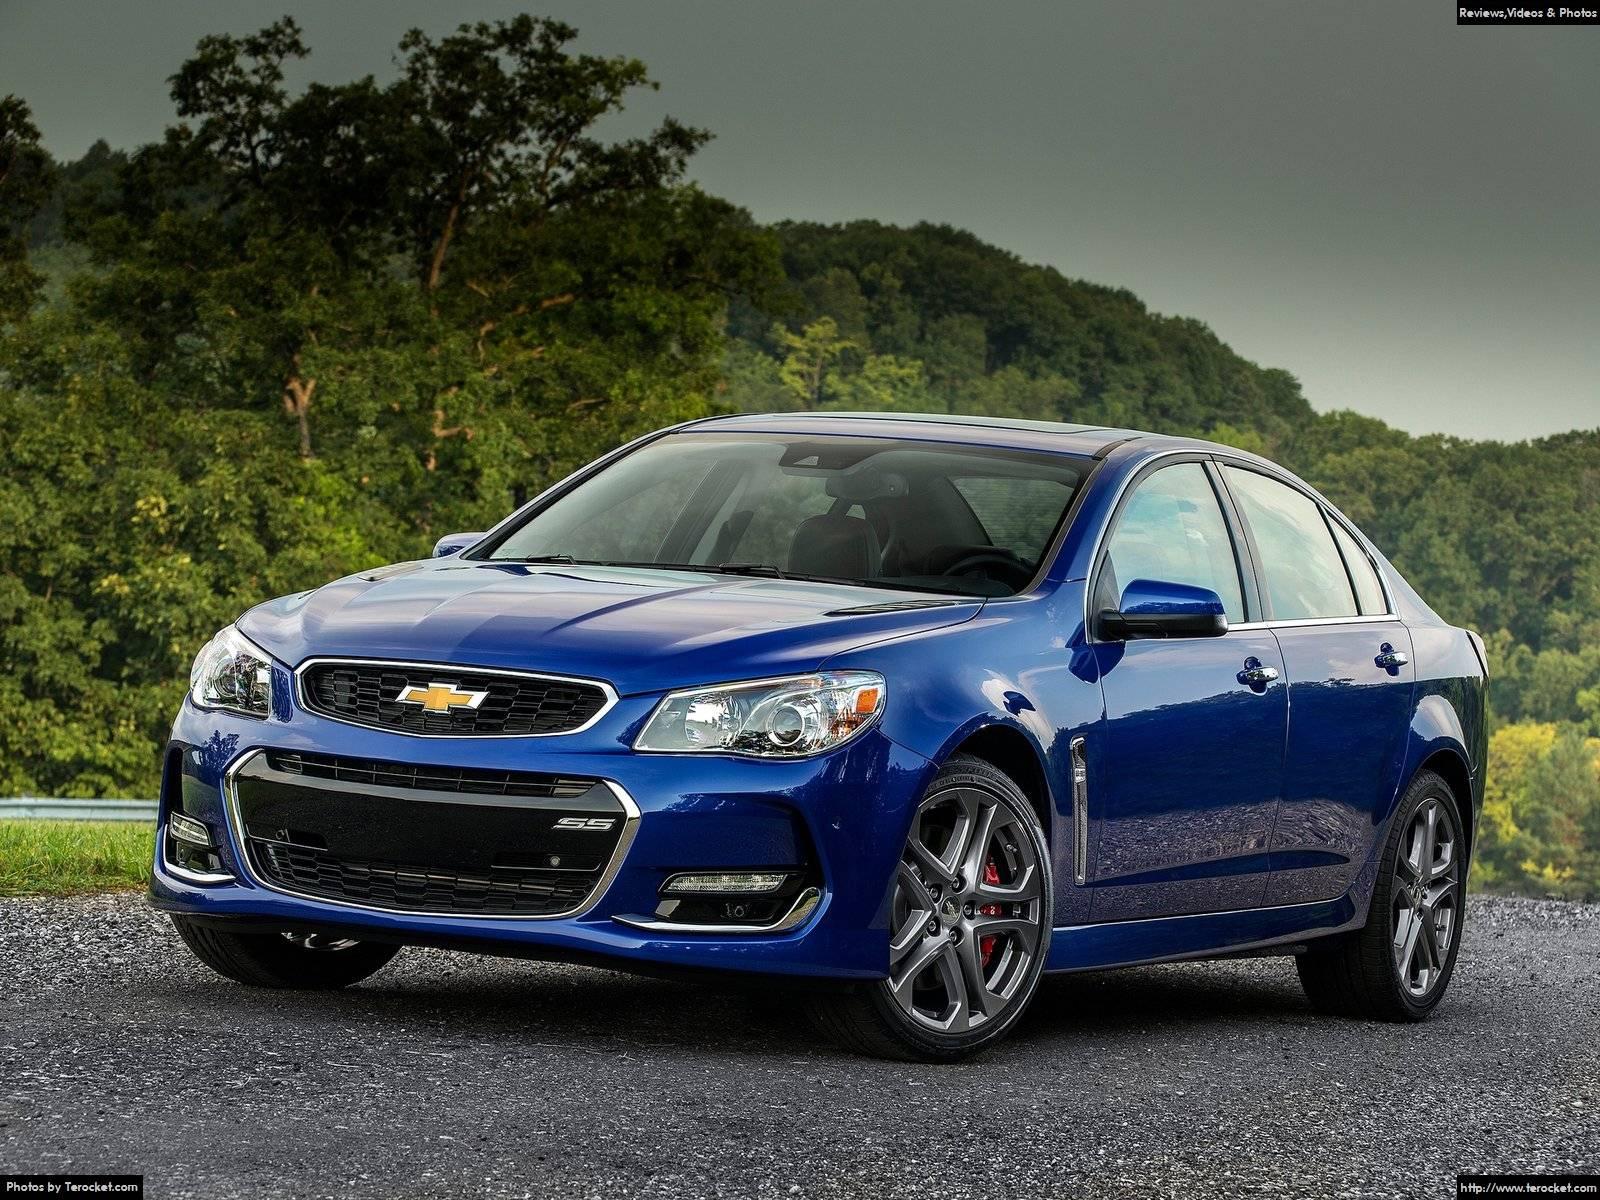 Hình ảnh xe ô tô Chevrolet SS 2016 & nội ngoại thất